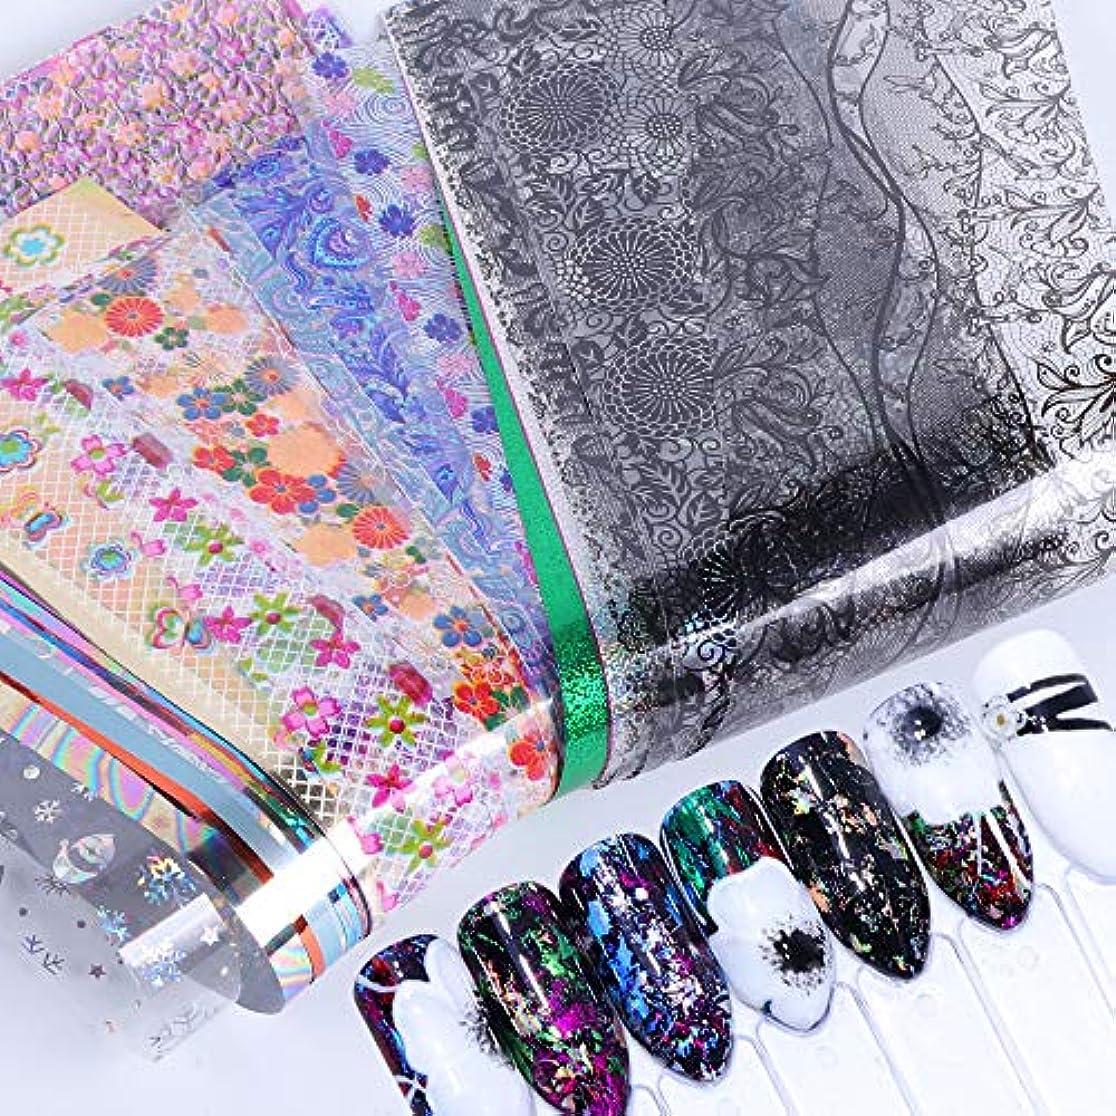 変装した特異なドキュメンタリー50個星空スカイスターズネイルアートステッカーのヒントラップ箔転写接着剤グリッターアクリルDIYの装飾(ランダムカラーパターン)